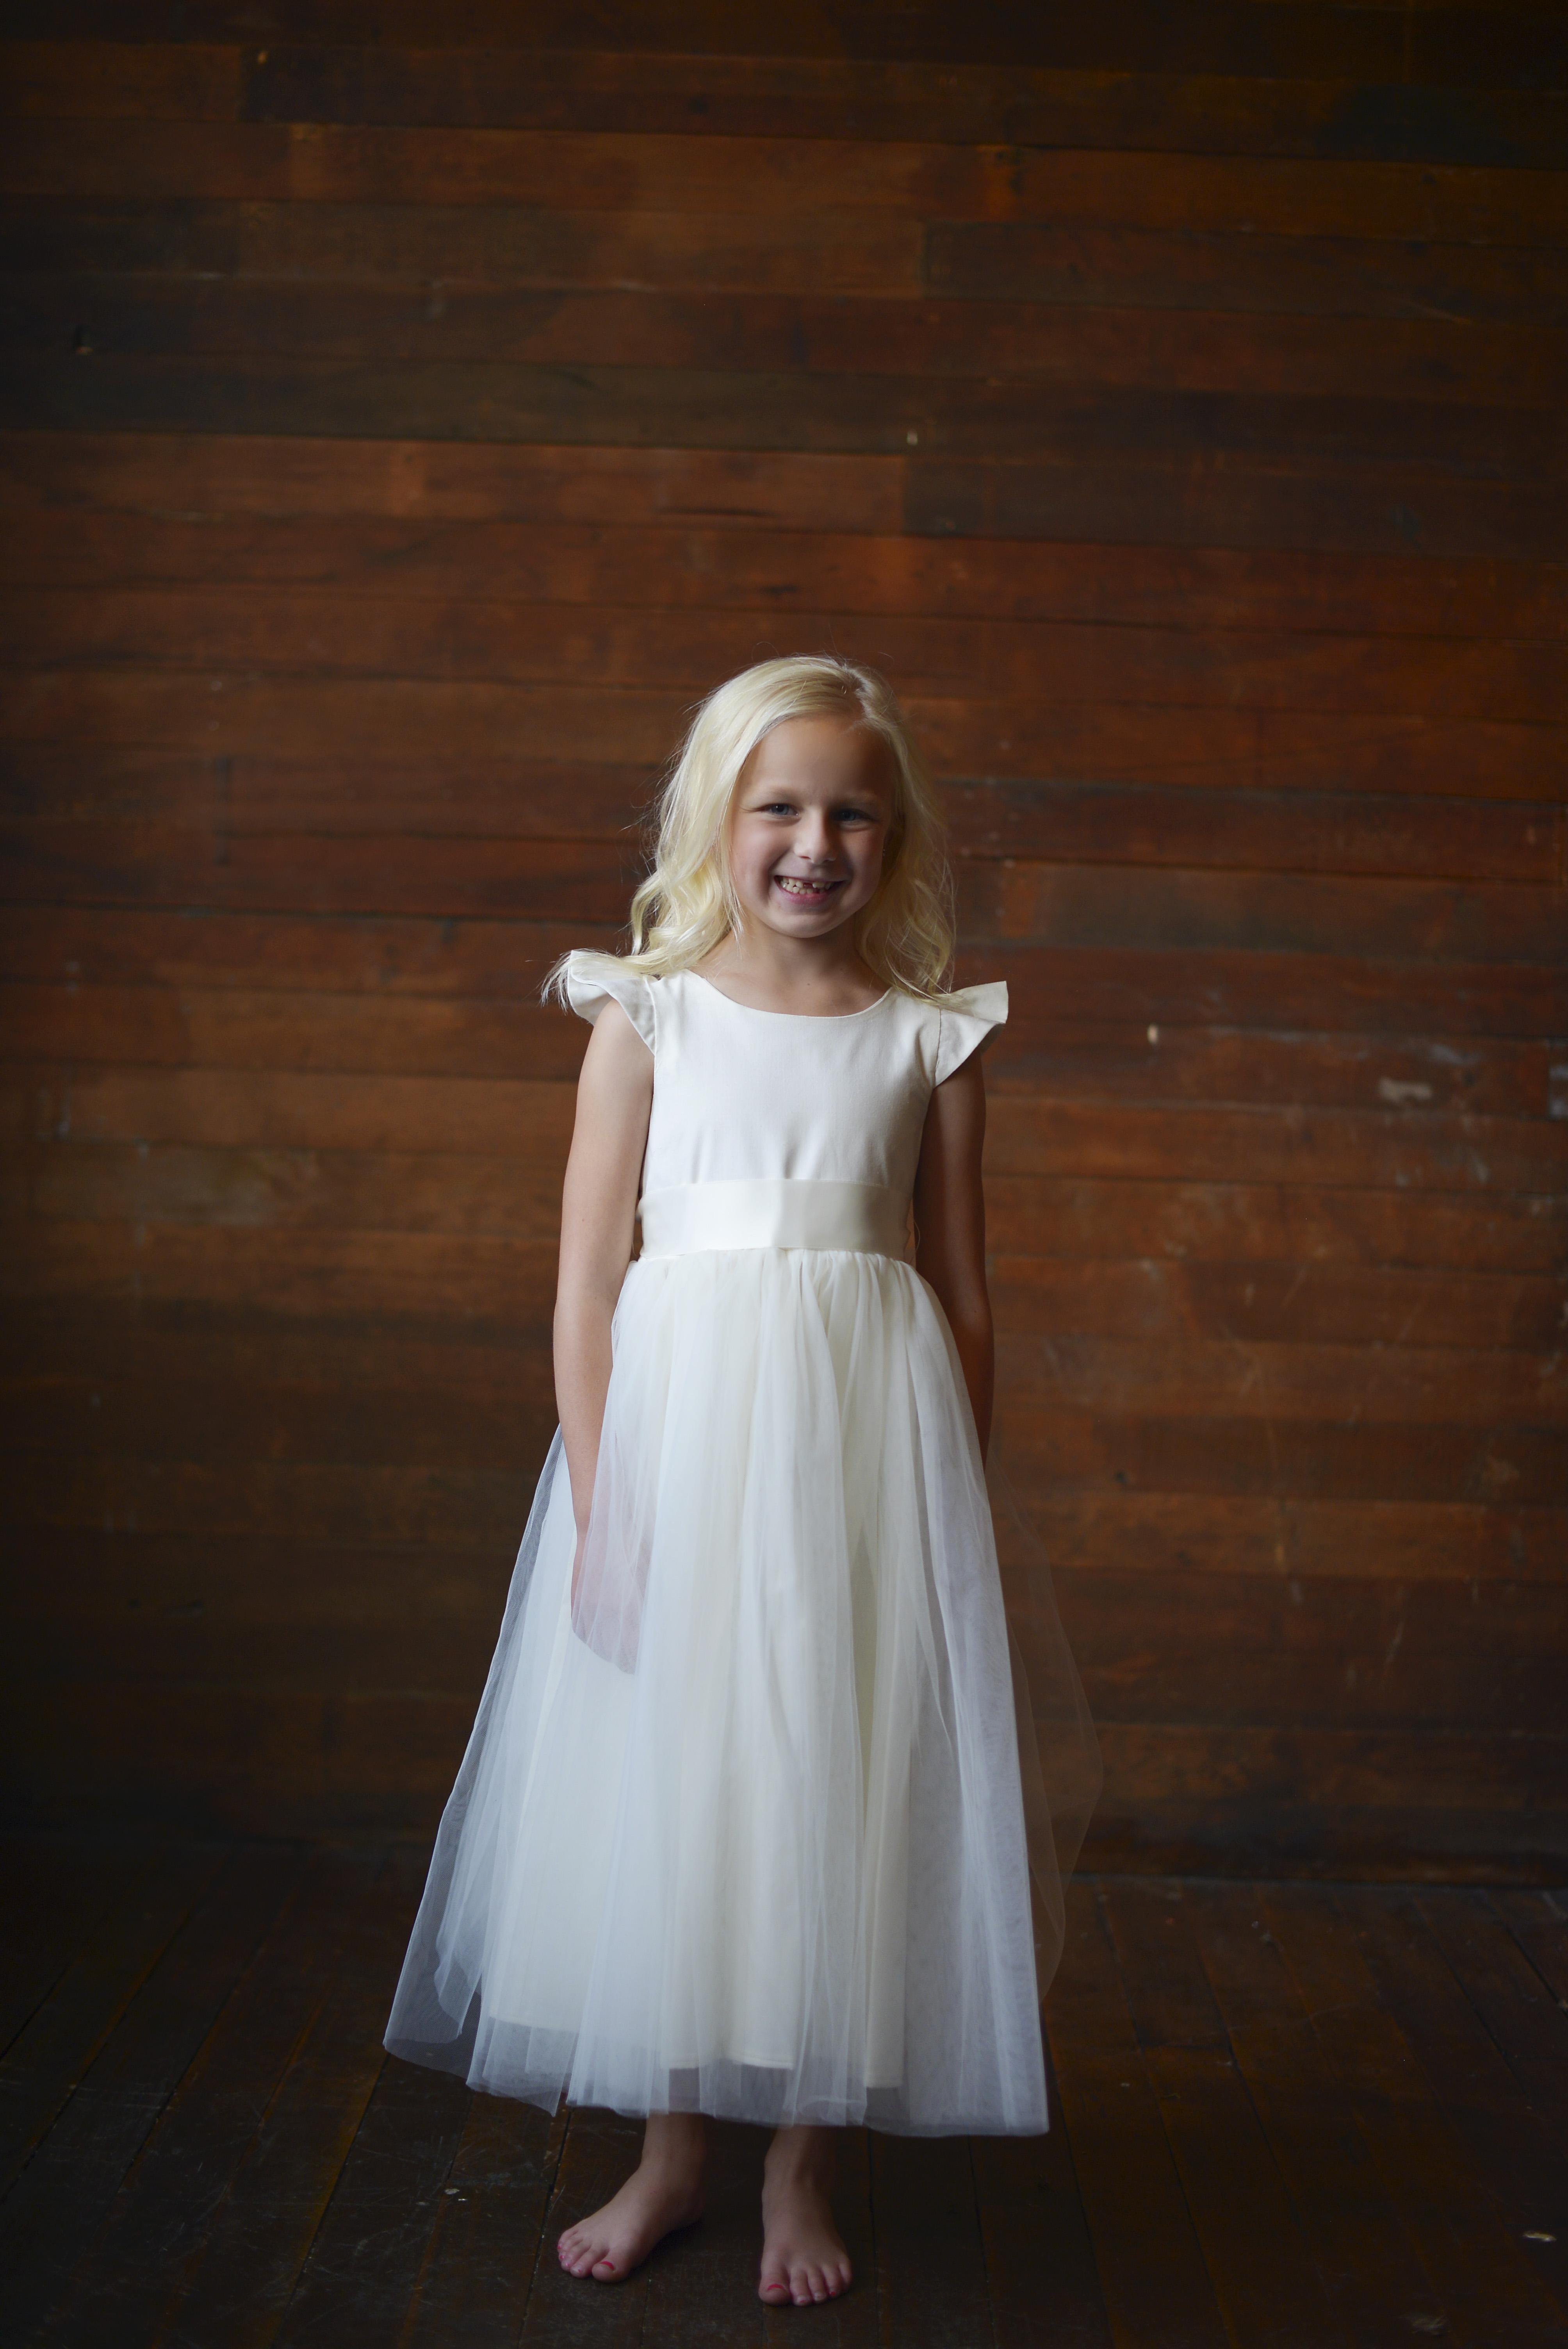 flower girl dress in ivory or white for junior bridesmaids